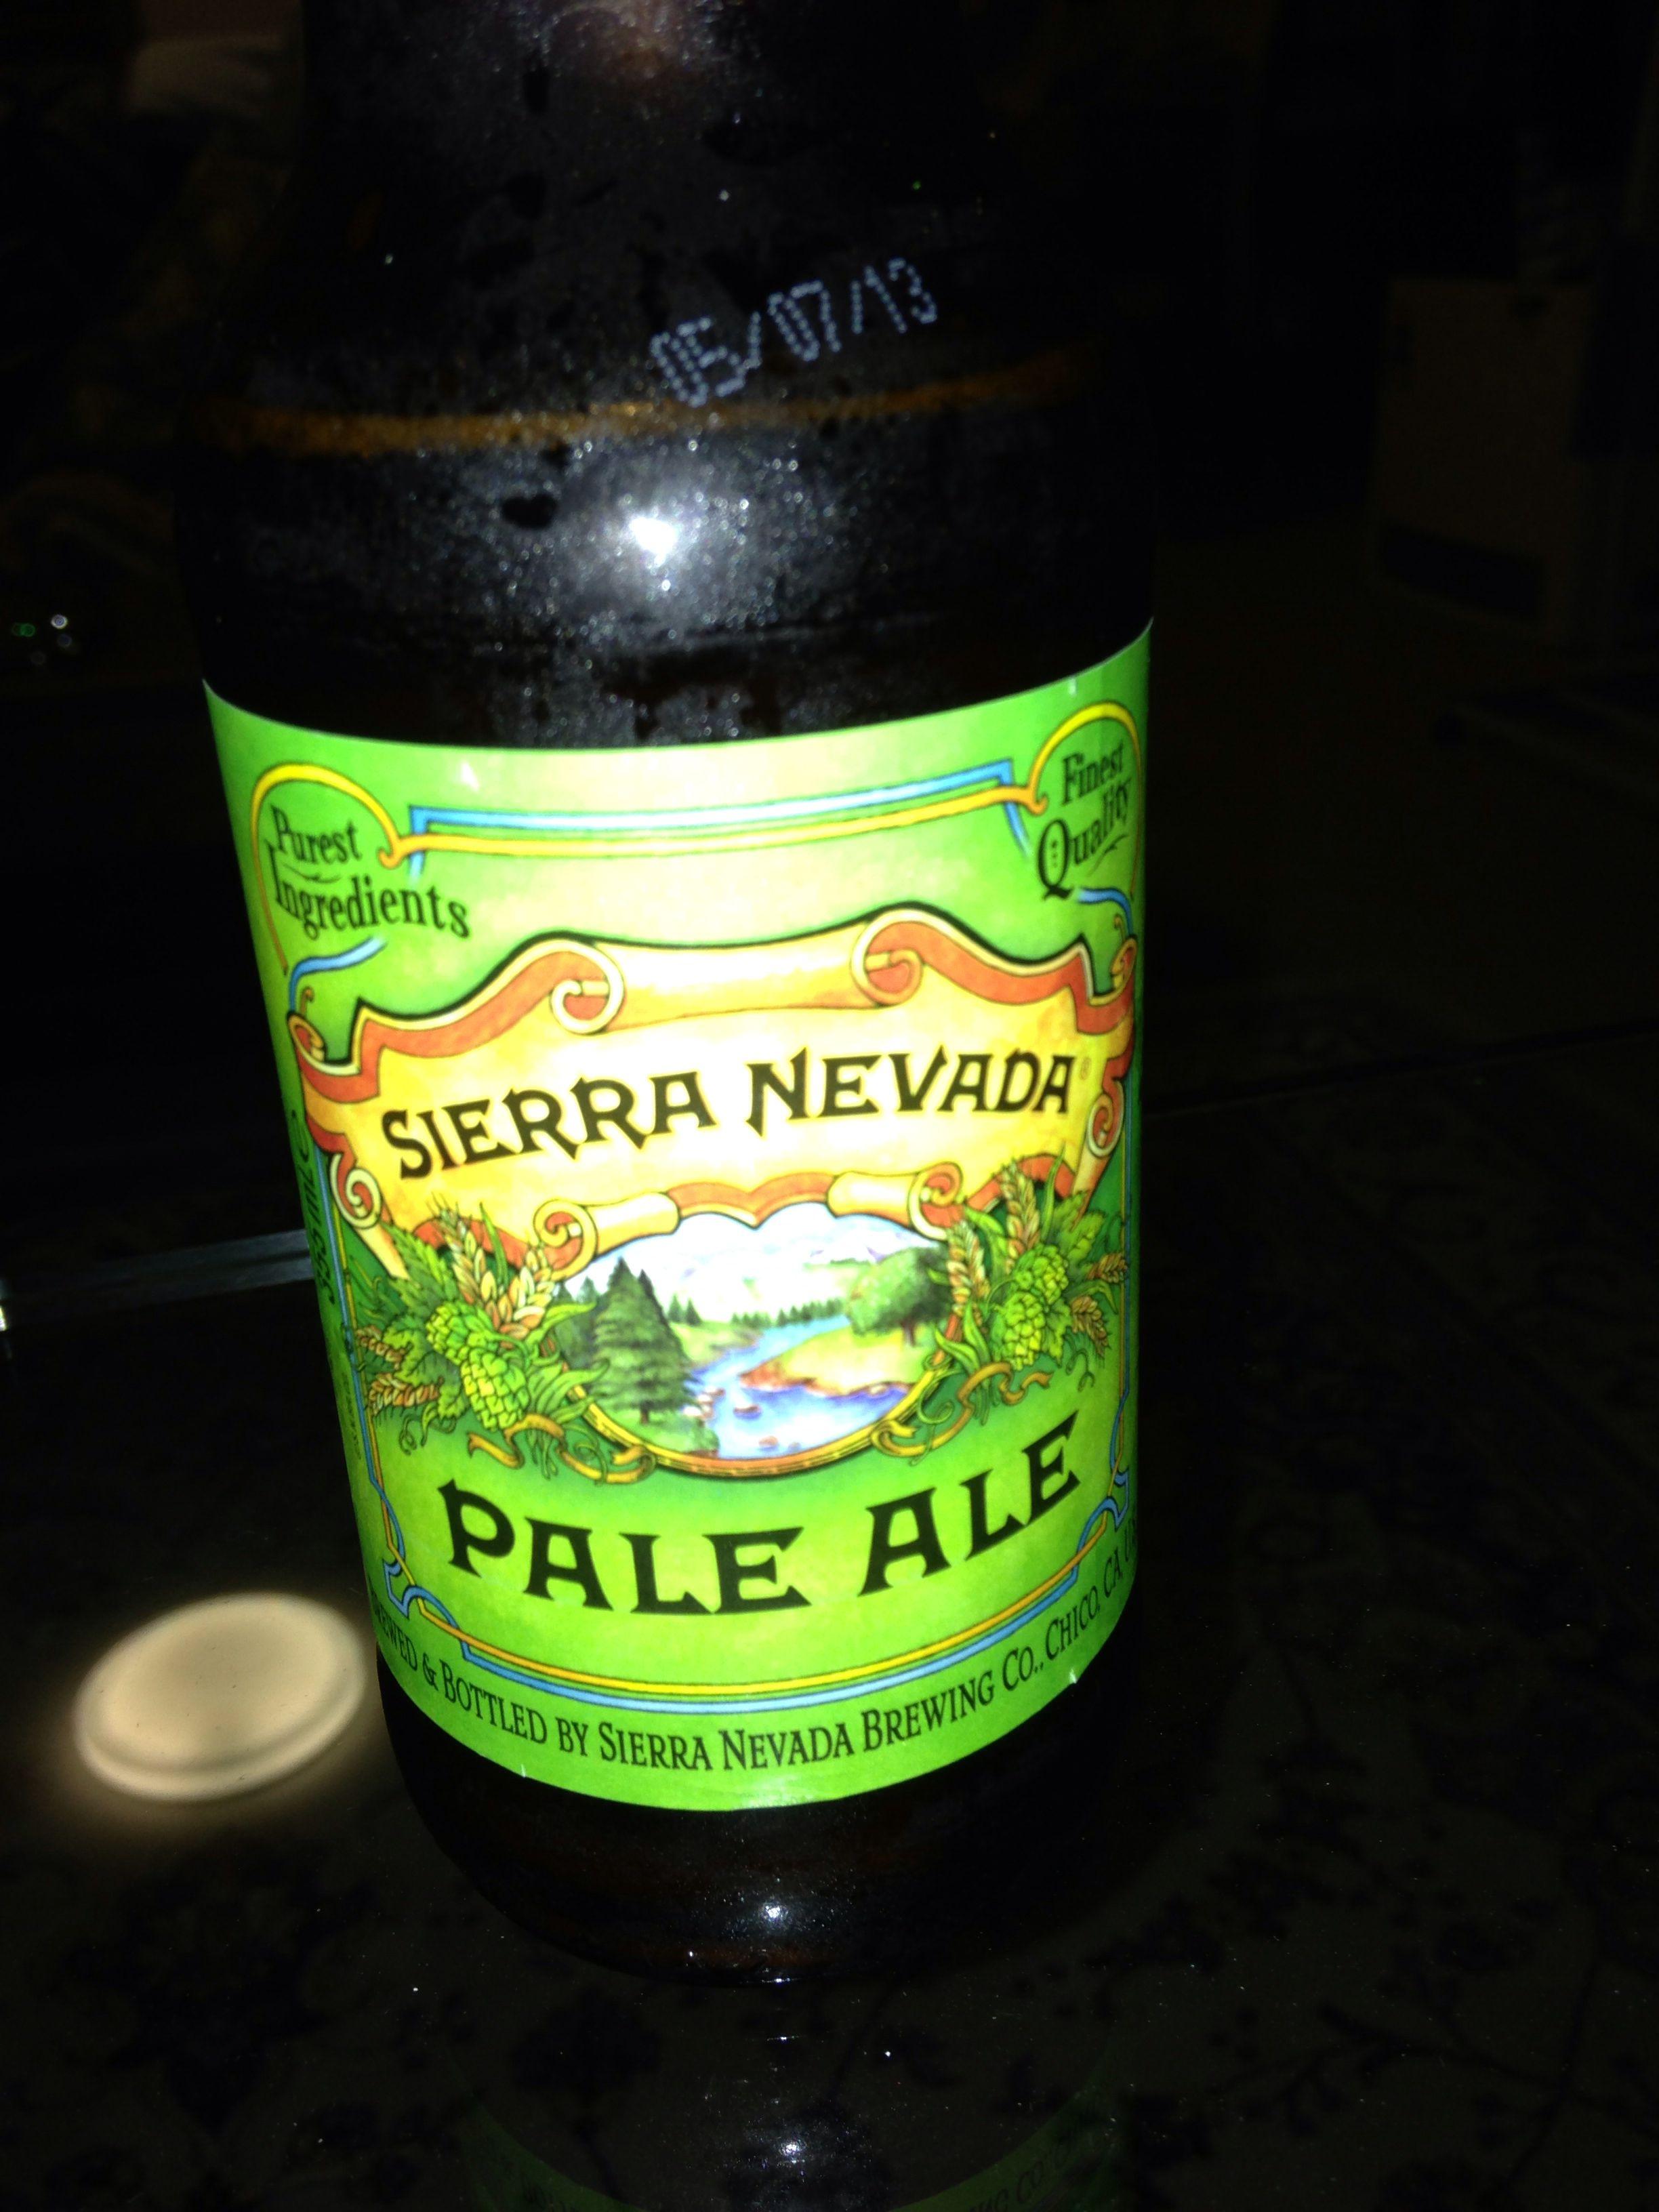 Sierra Nevada pale ale #beer